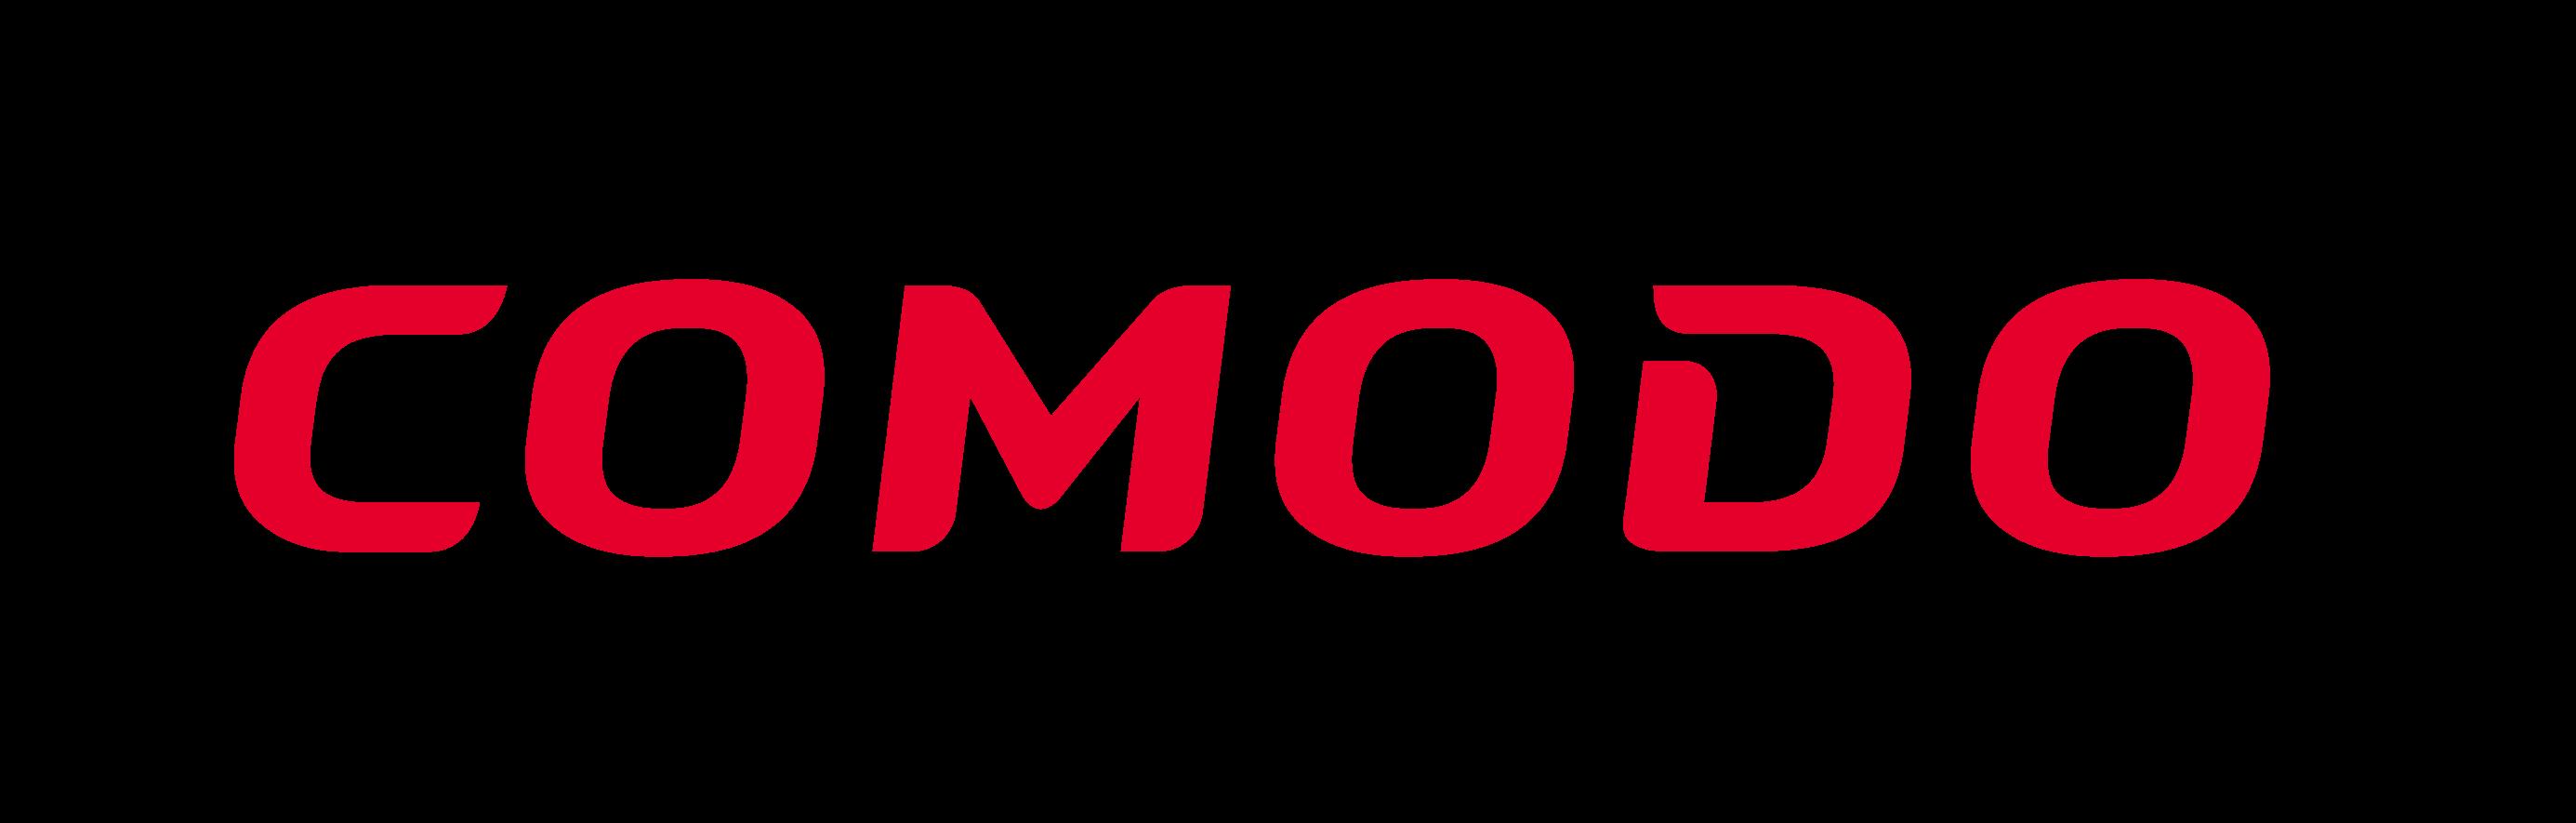 Comodo Brand Logo